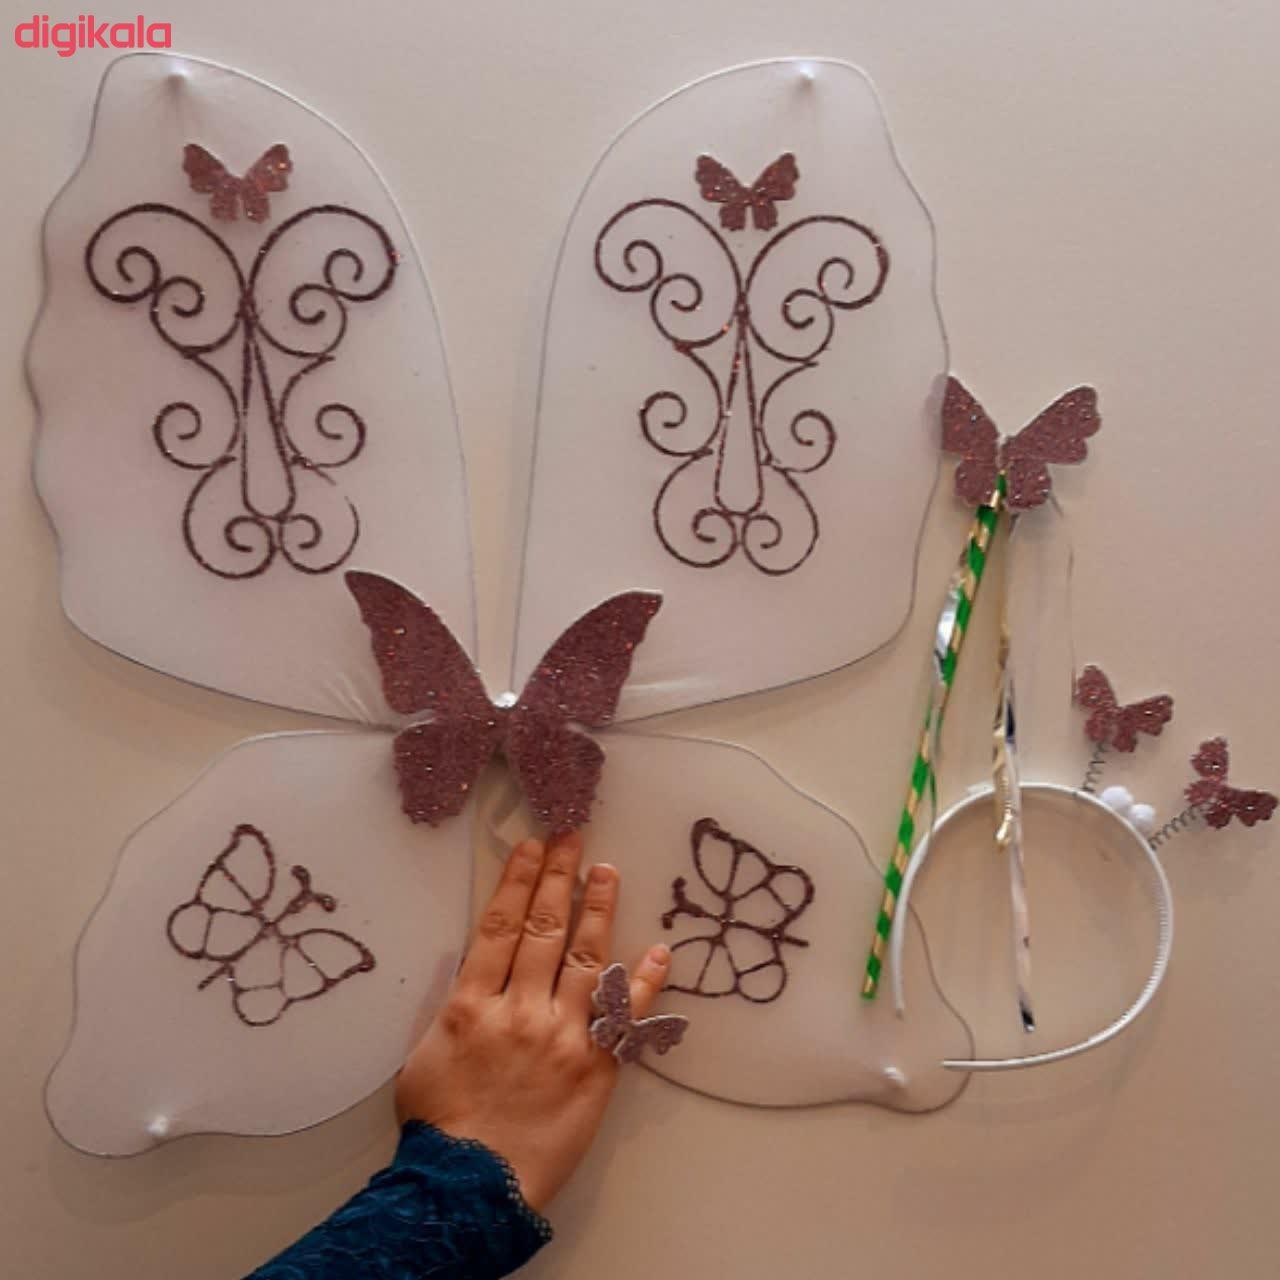 ست ایفای نقشطرح بال پروانه مدل Angel main 1 7